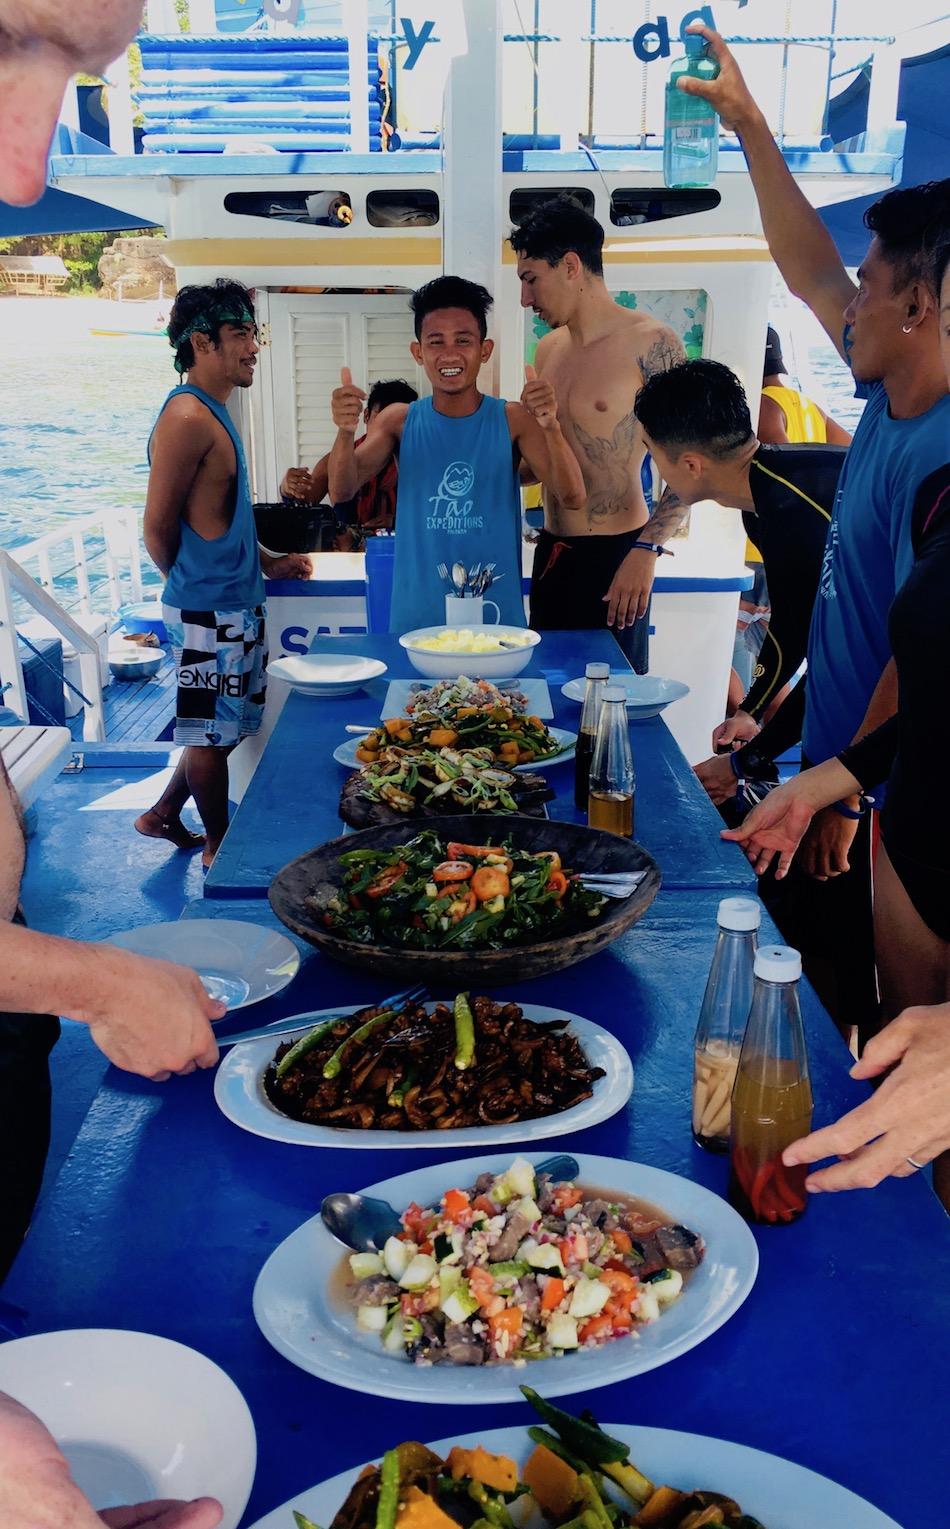 Almoço nas ilha remotas de Palawan, Filipinas. Foto: Patti Neves